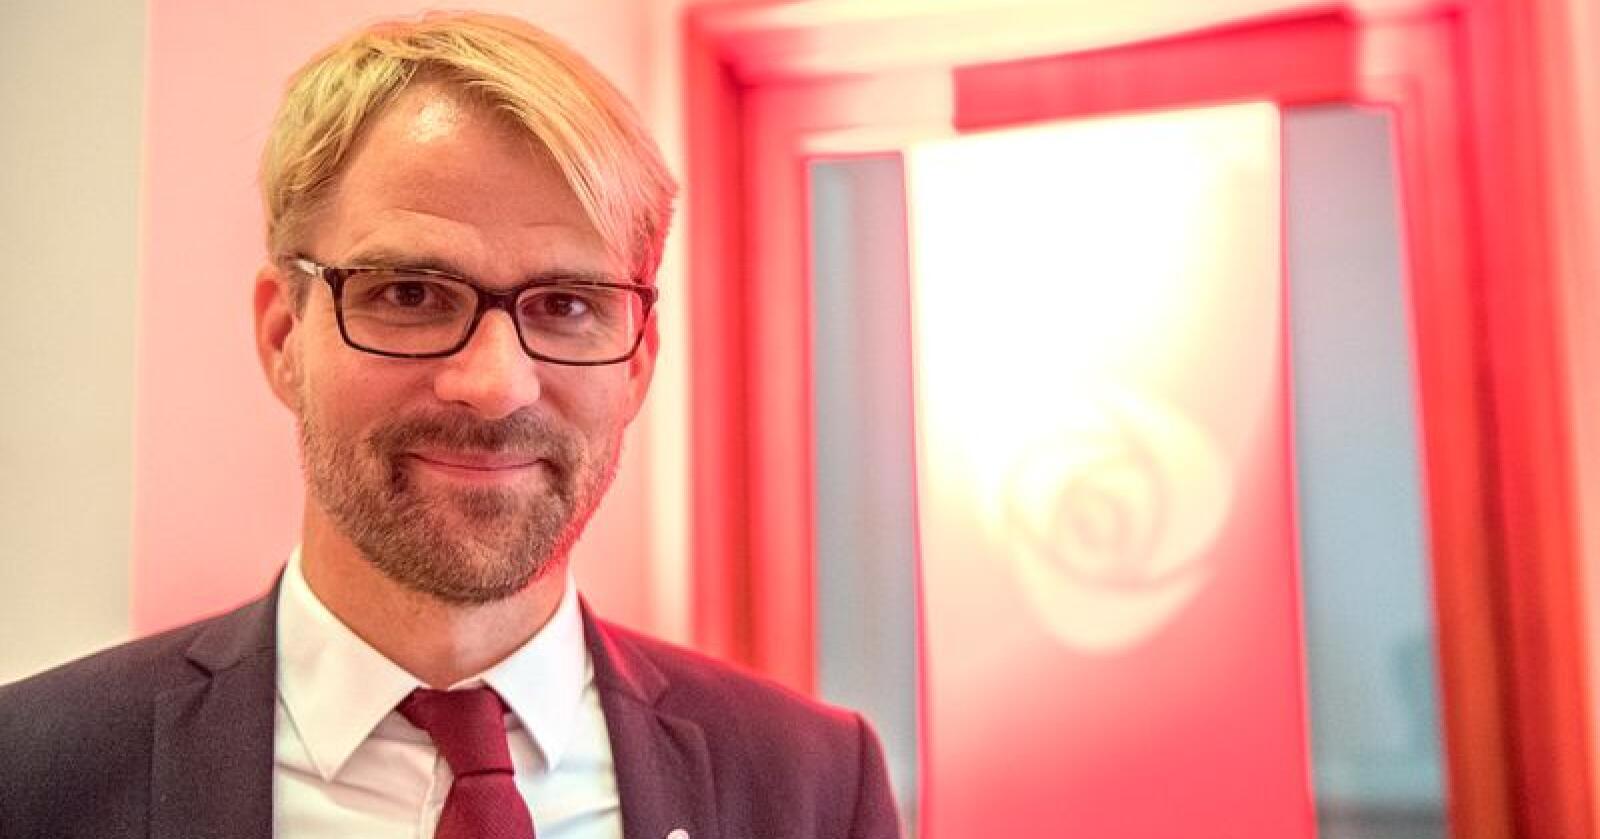 Byrådsleder Roger Valhammer (Ap) i Bergen har blitt enige med MDG, Venstre og KrF om nytt byråd i Bergen. Foto: Marit Hommedal / NTB scanpix